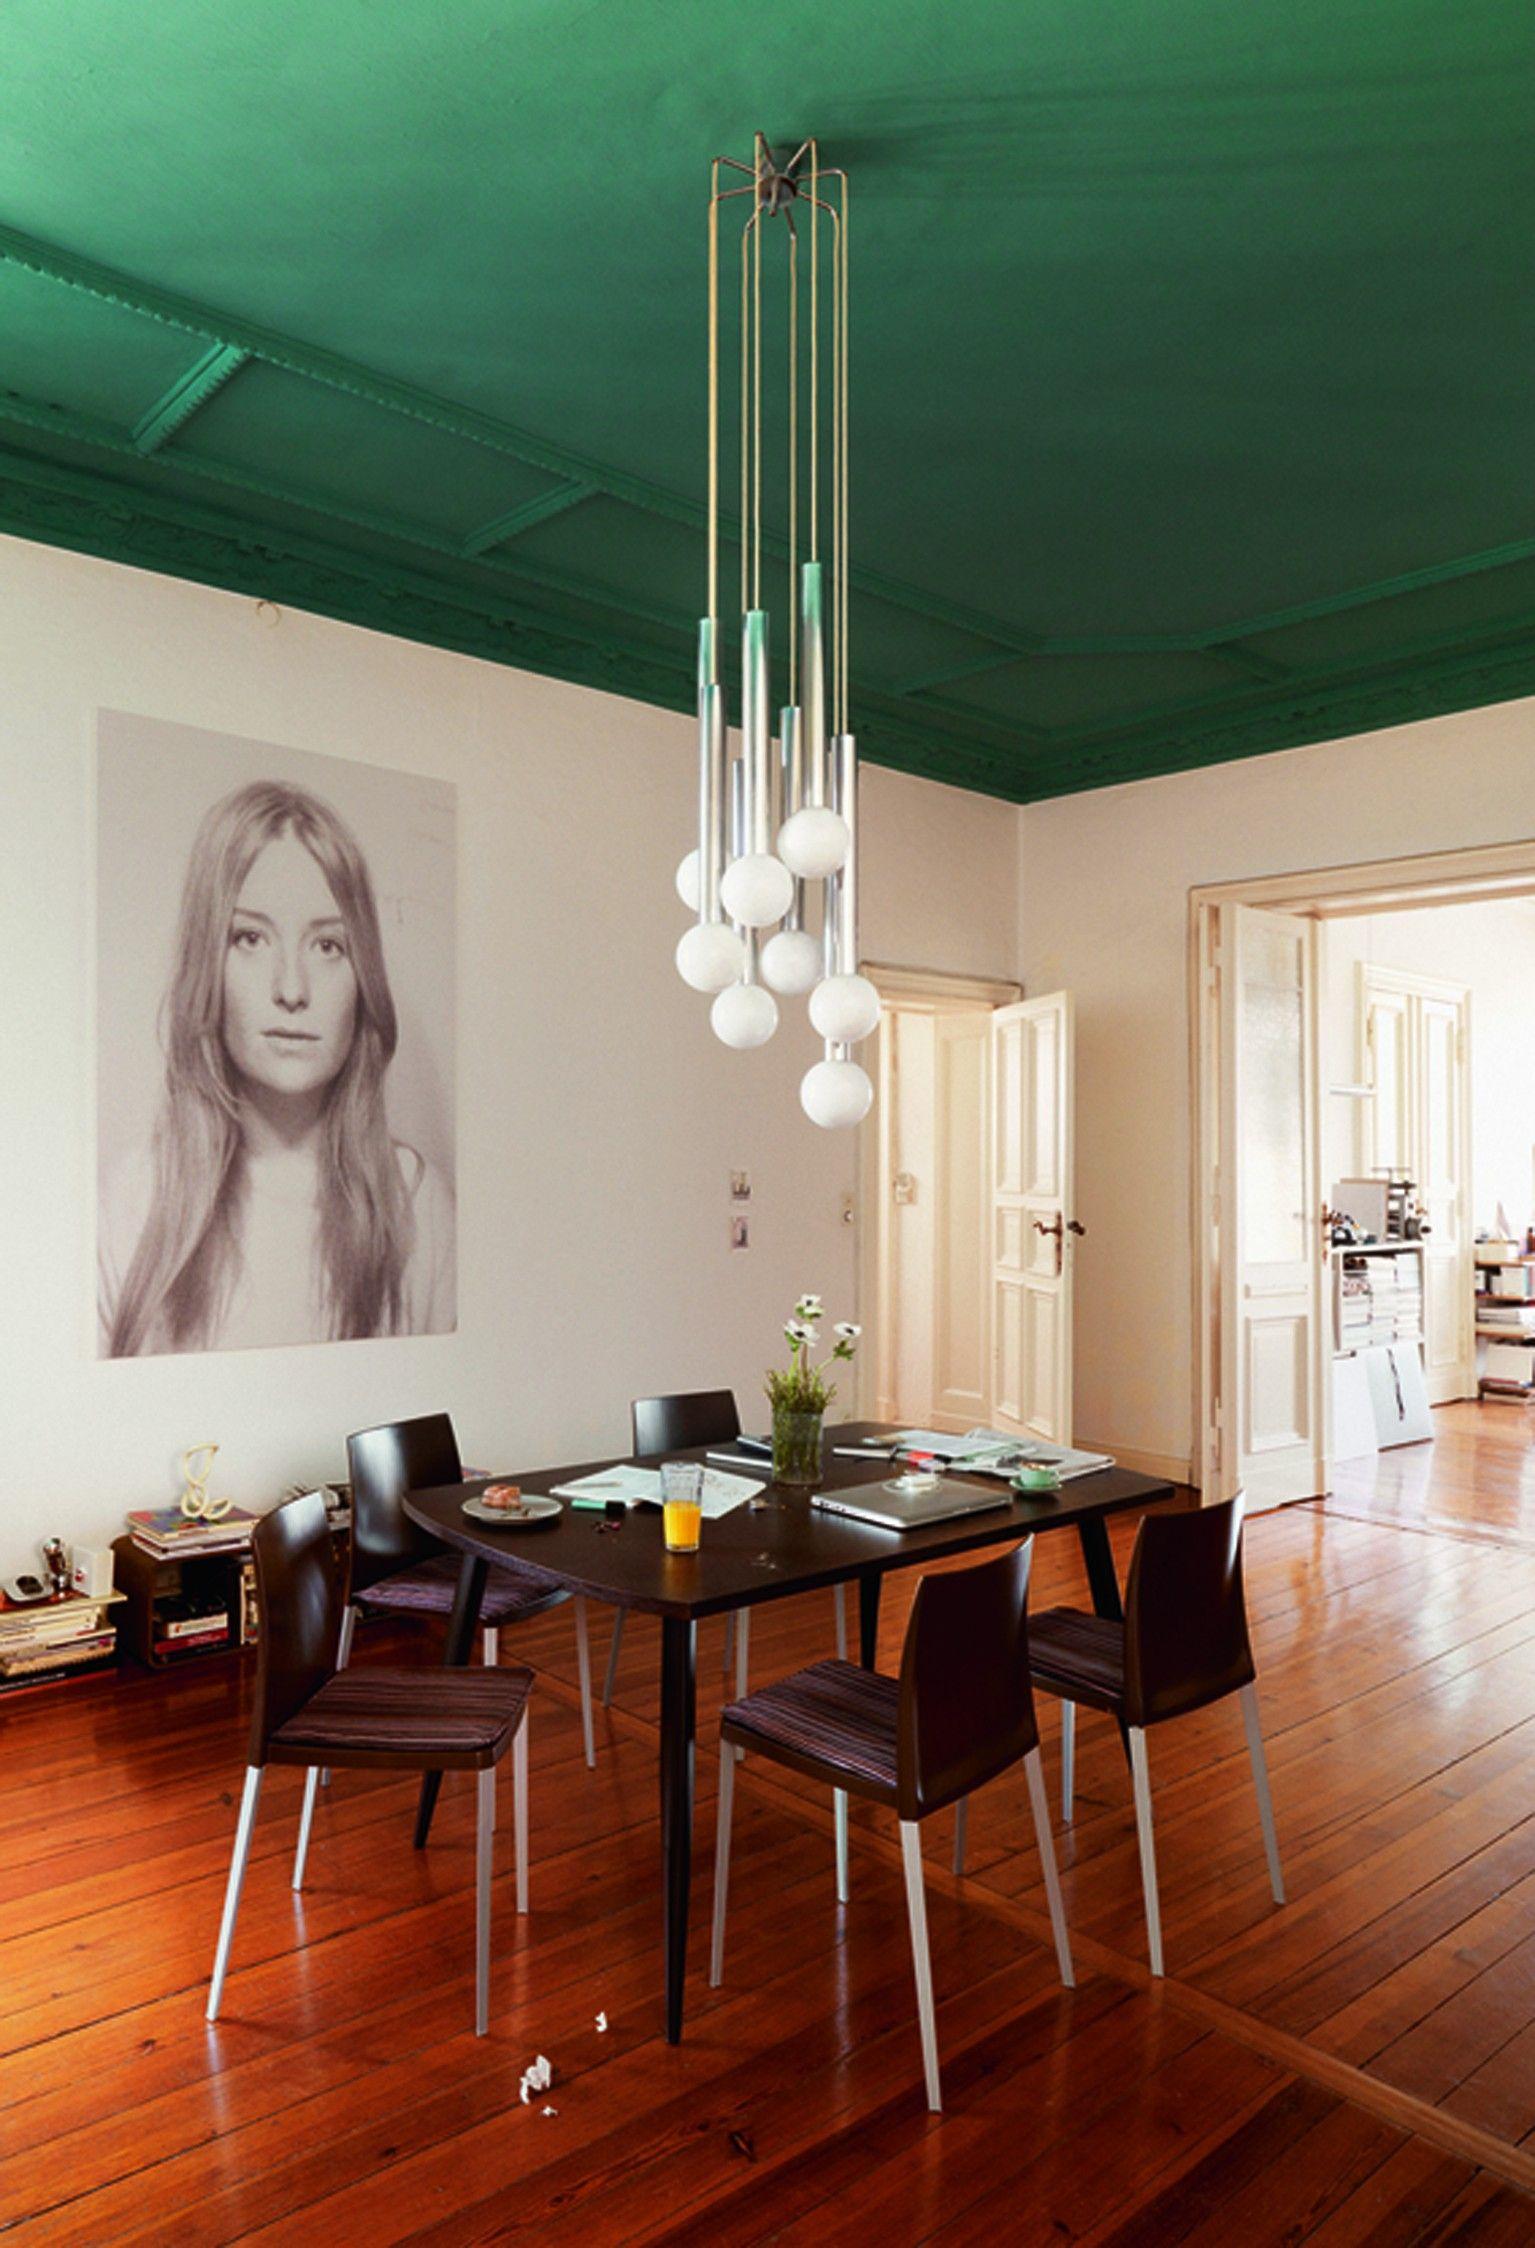 Innenarchitektur wohnzimmerfarbe gorgeous green ceiling  home sweet home  pinterest  wohnzimmer